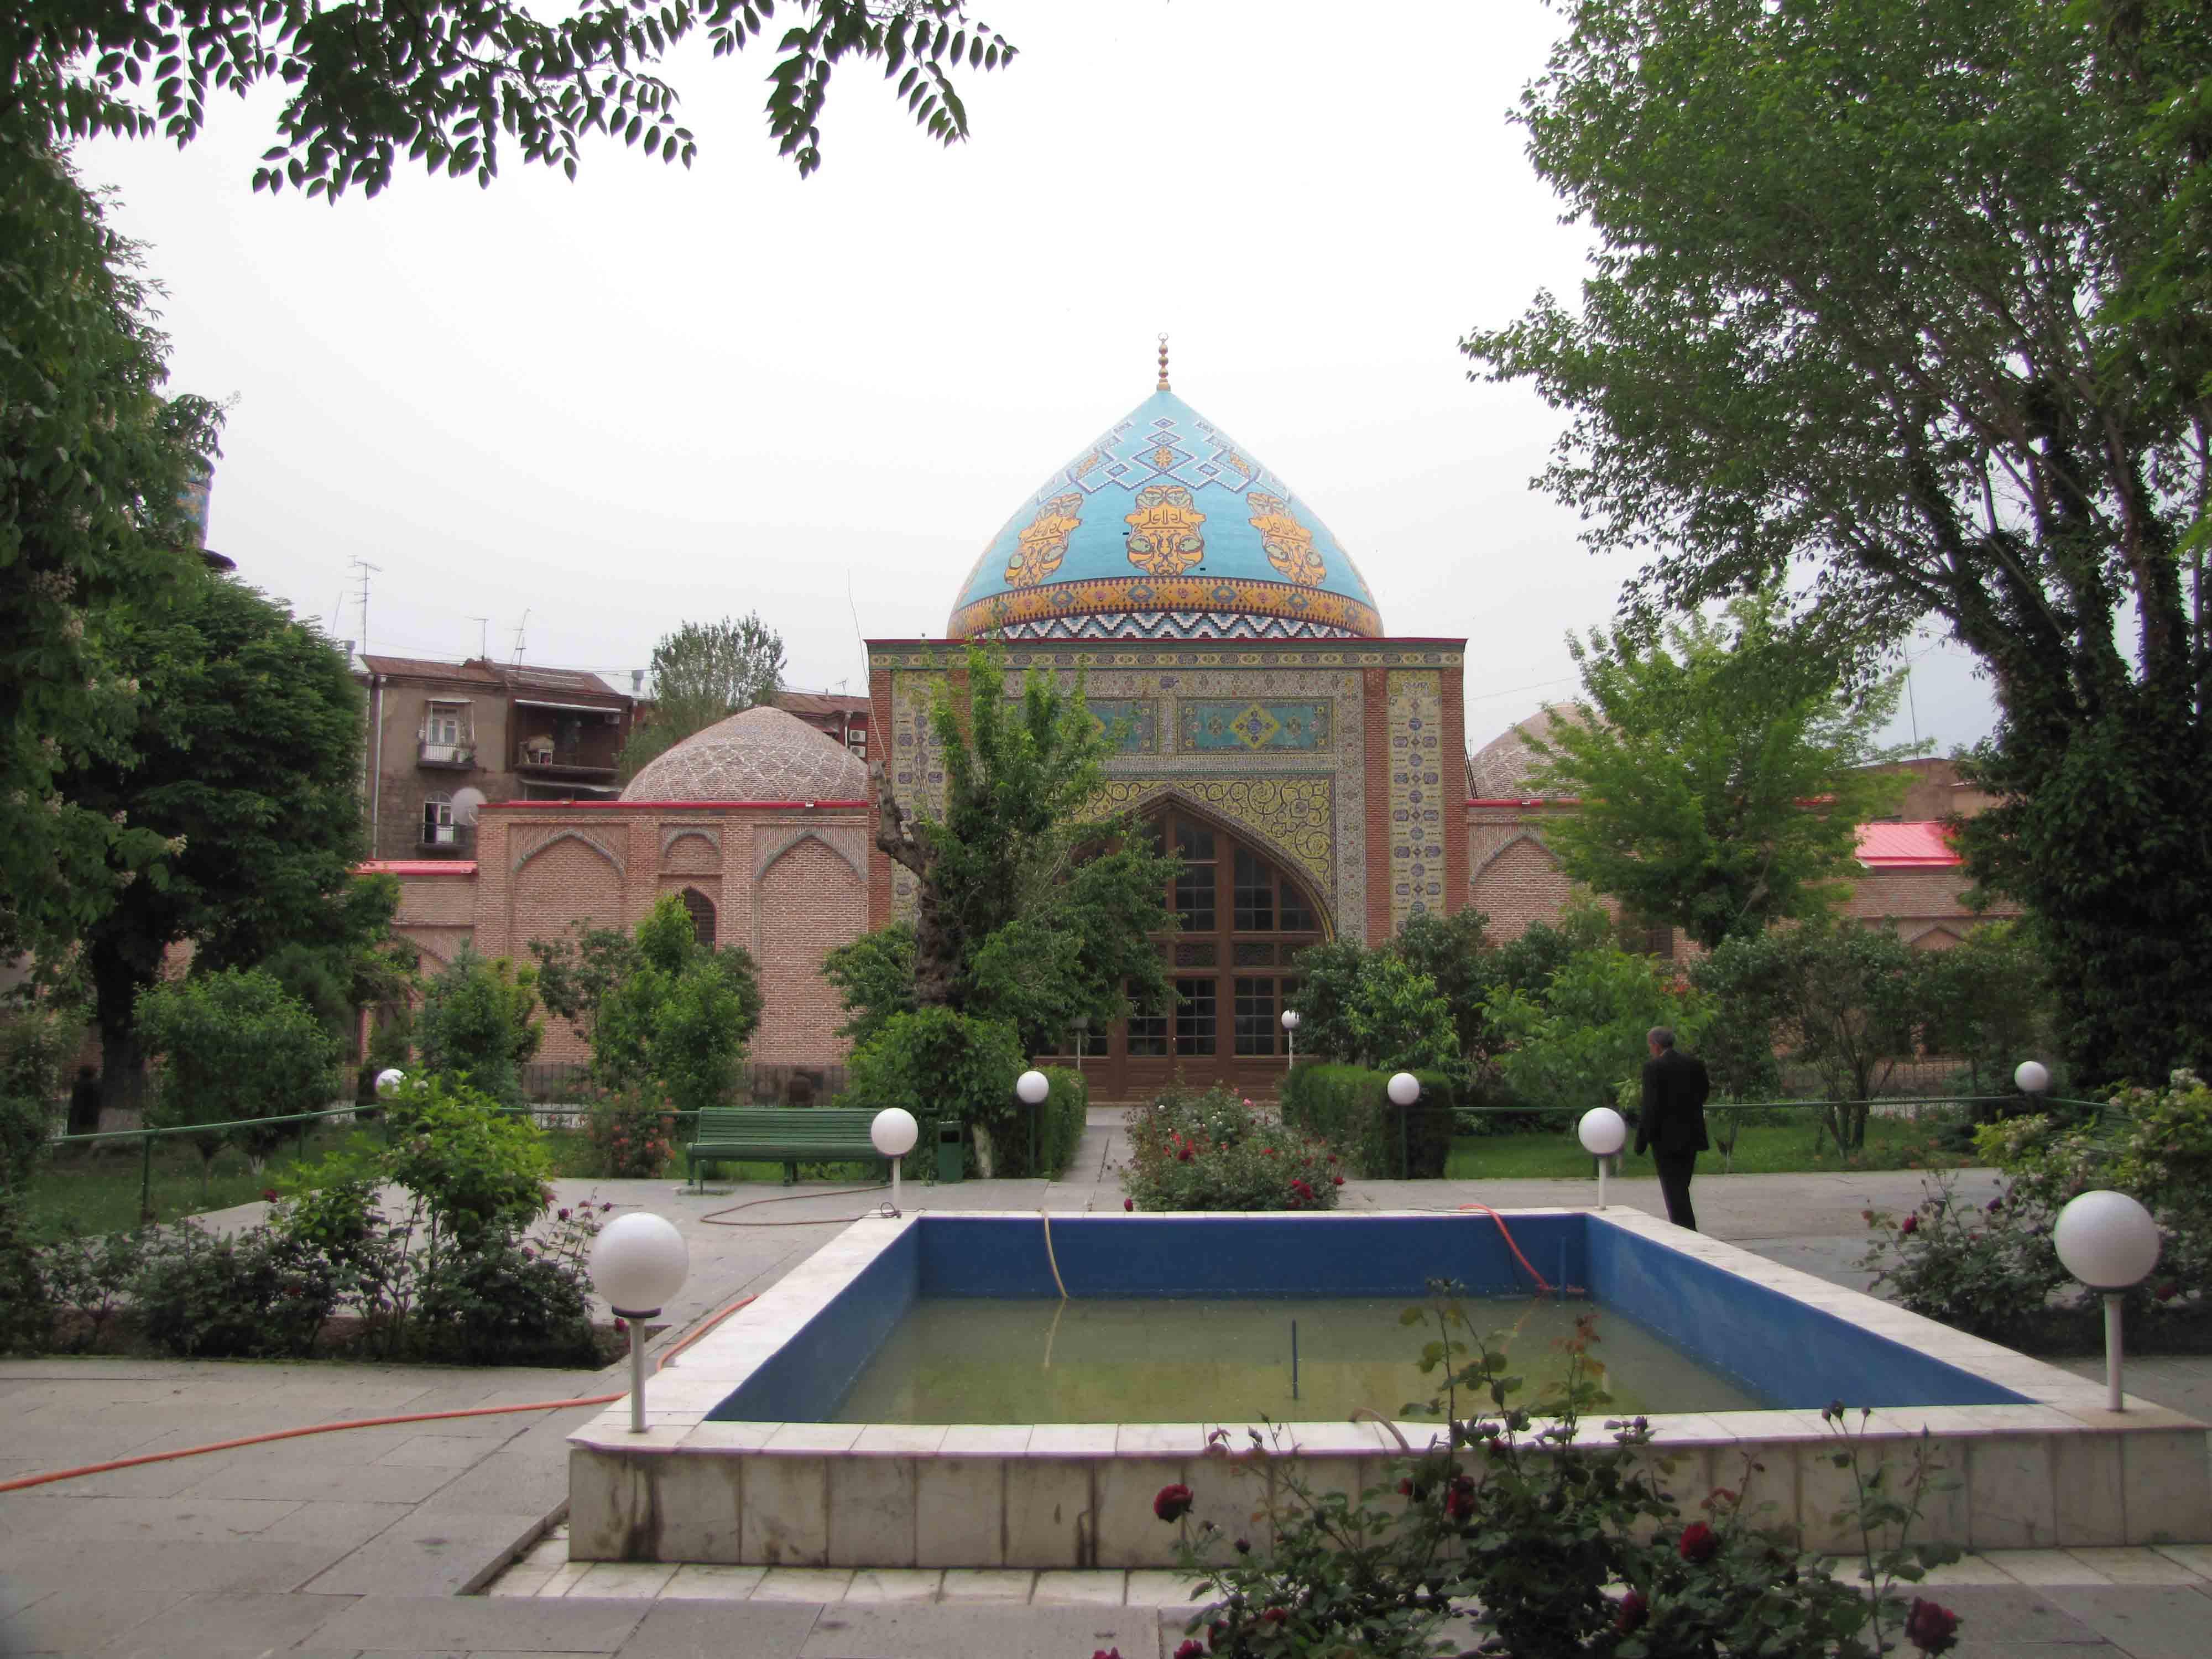 مسجد فیروزه ایمسجد فیروزه ای